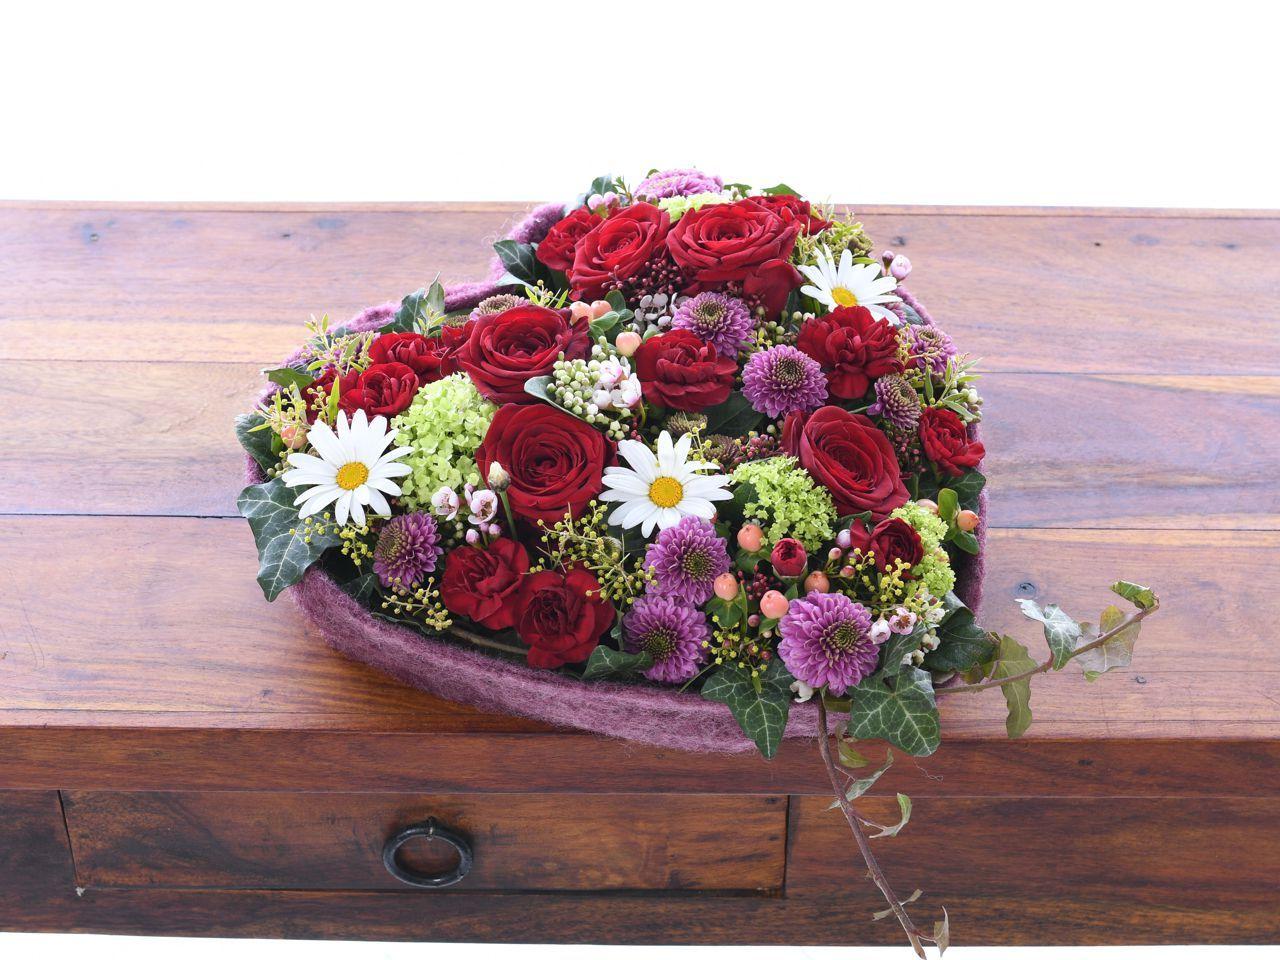 Herz rote Rosen und Chrysanthemen  Blumen Herz